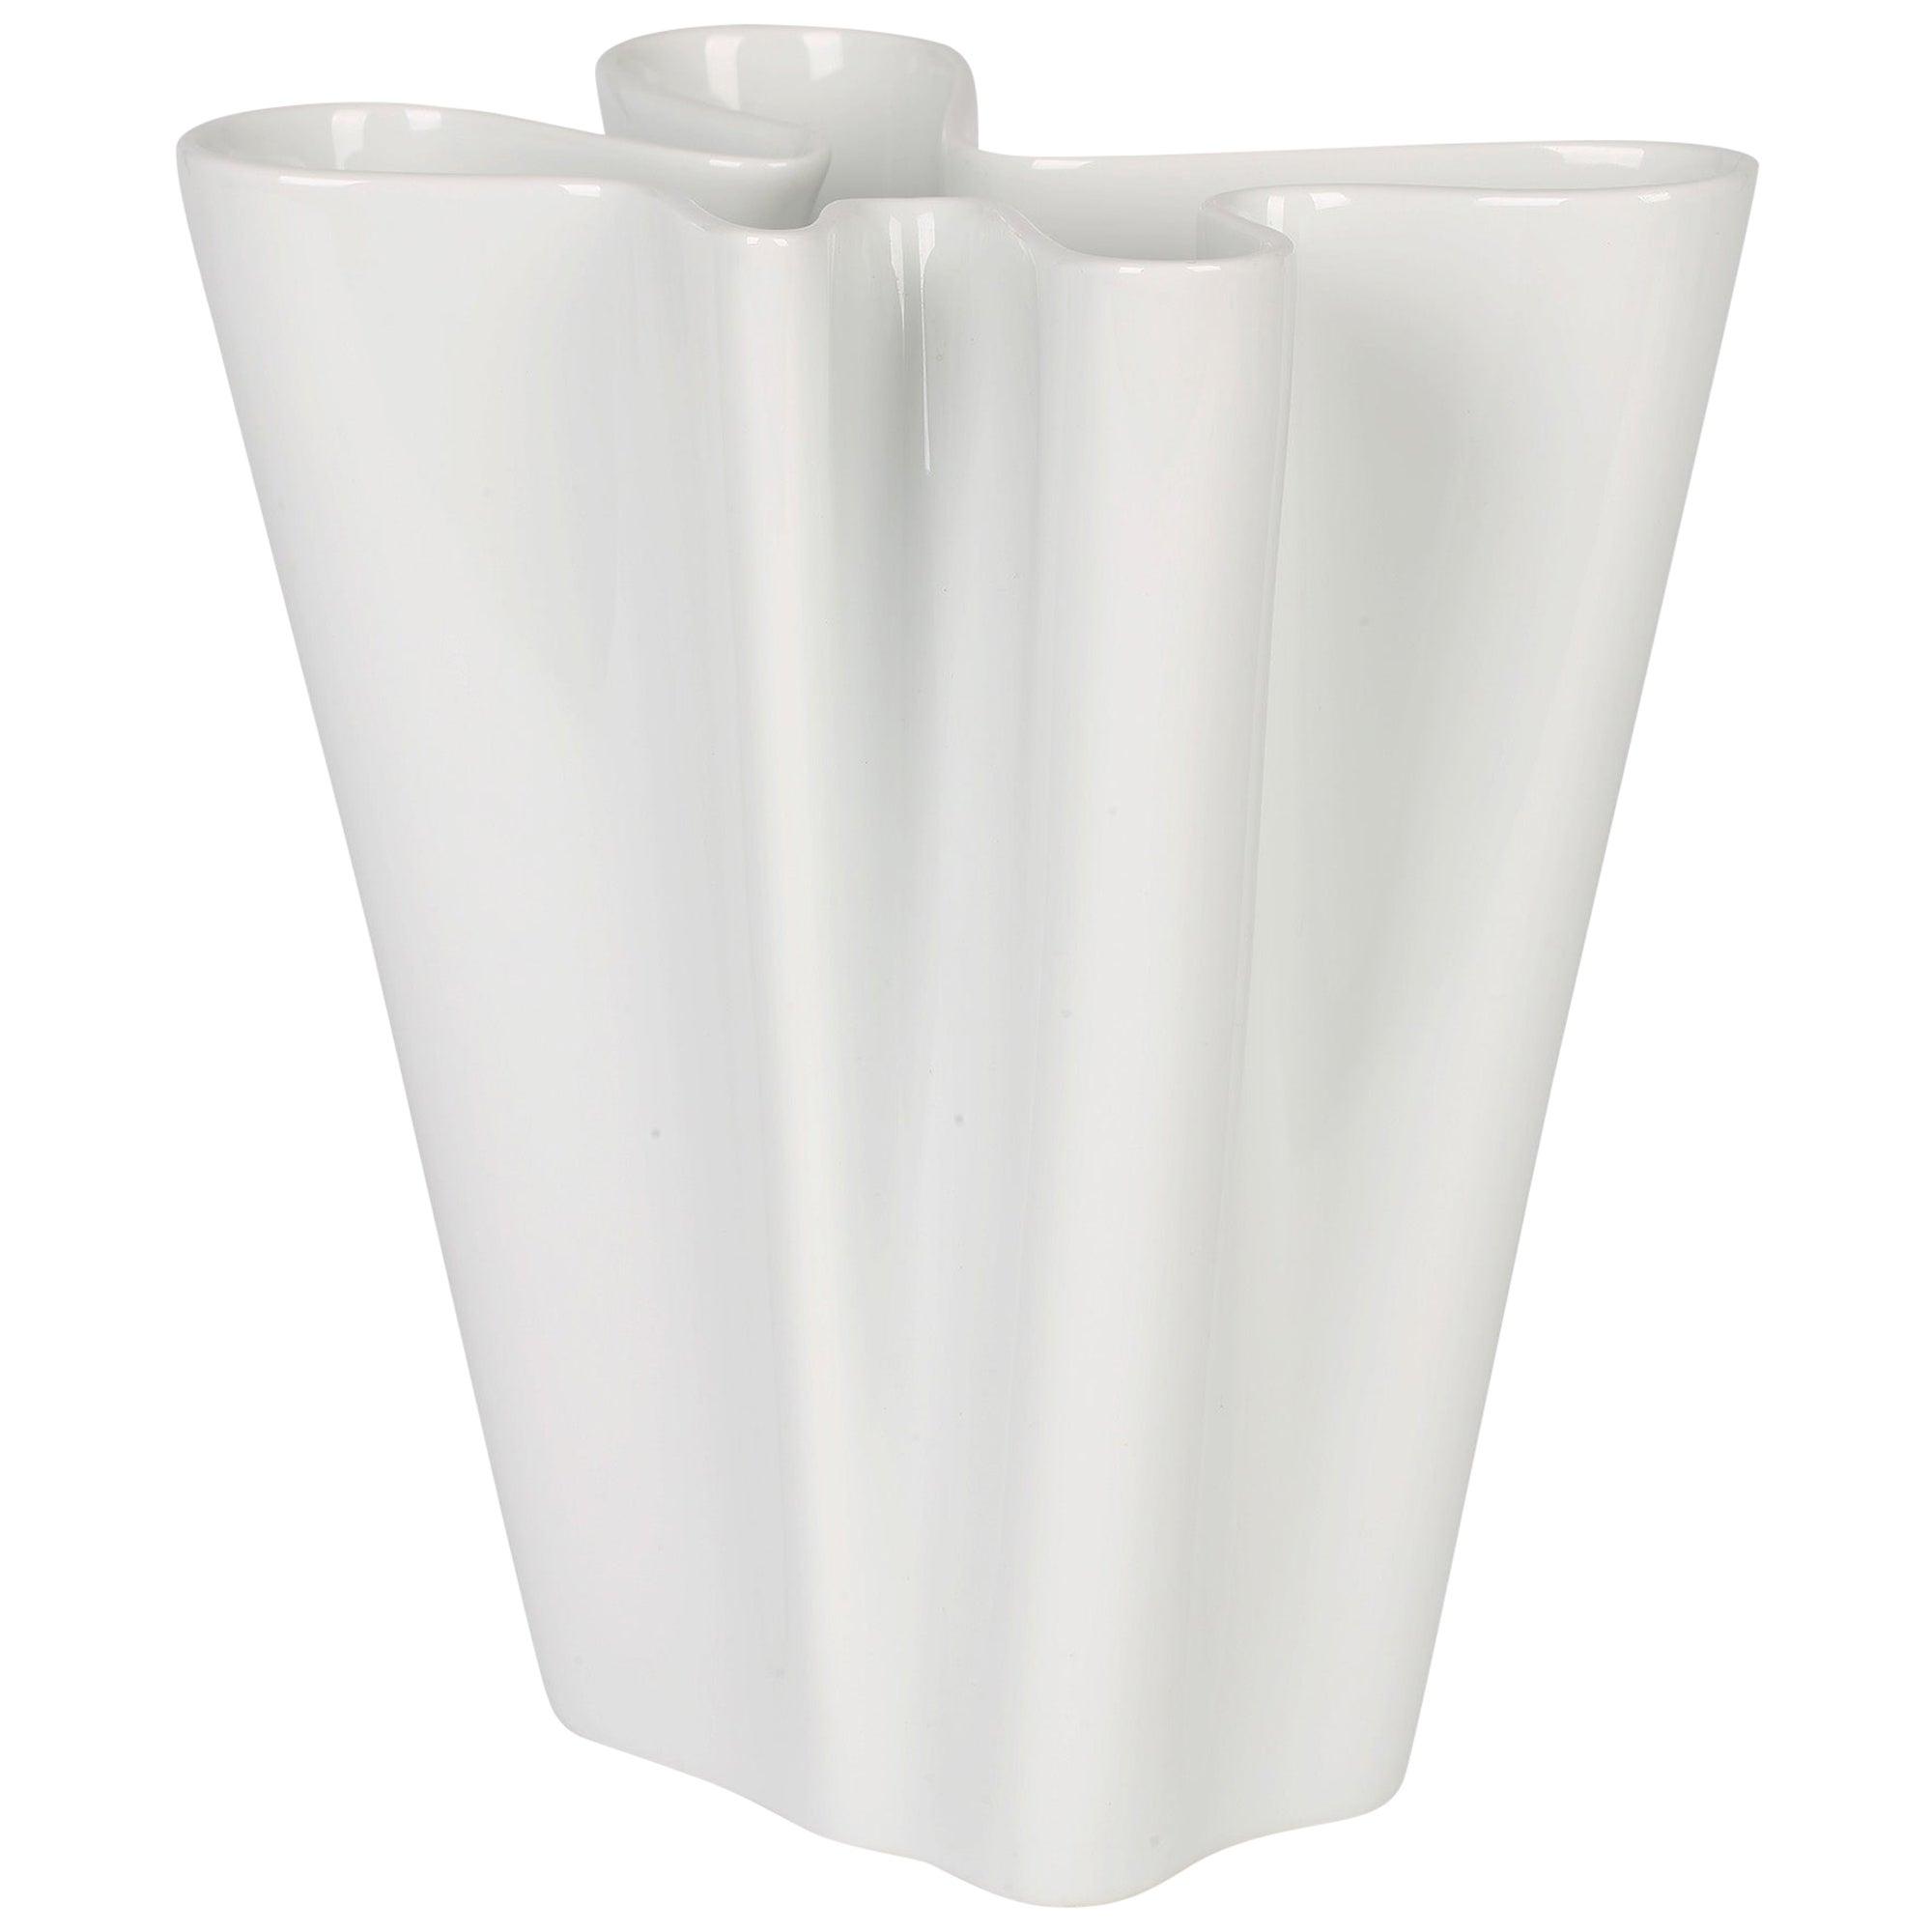 Rosenthal German Studio-Line Porcelain White Flux Vase